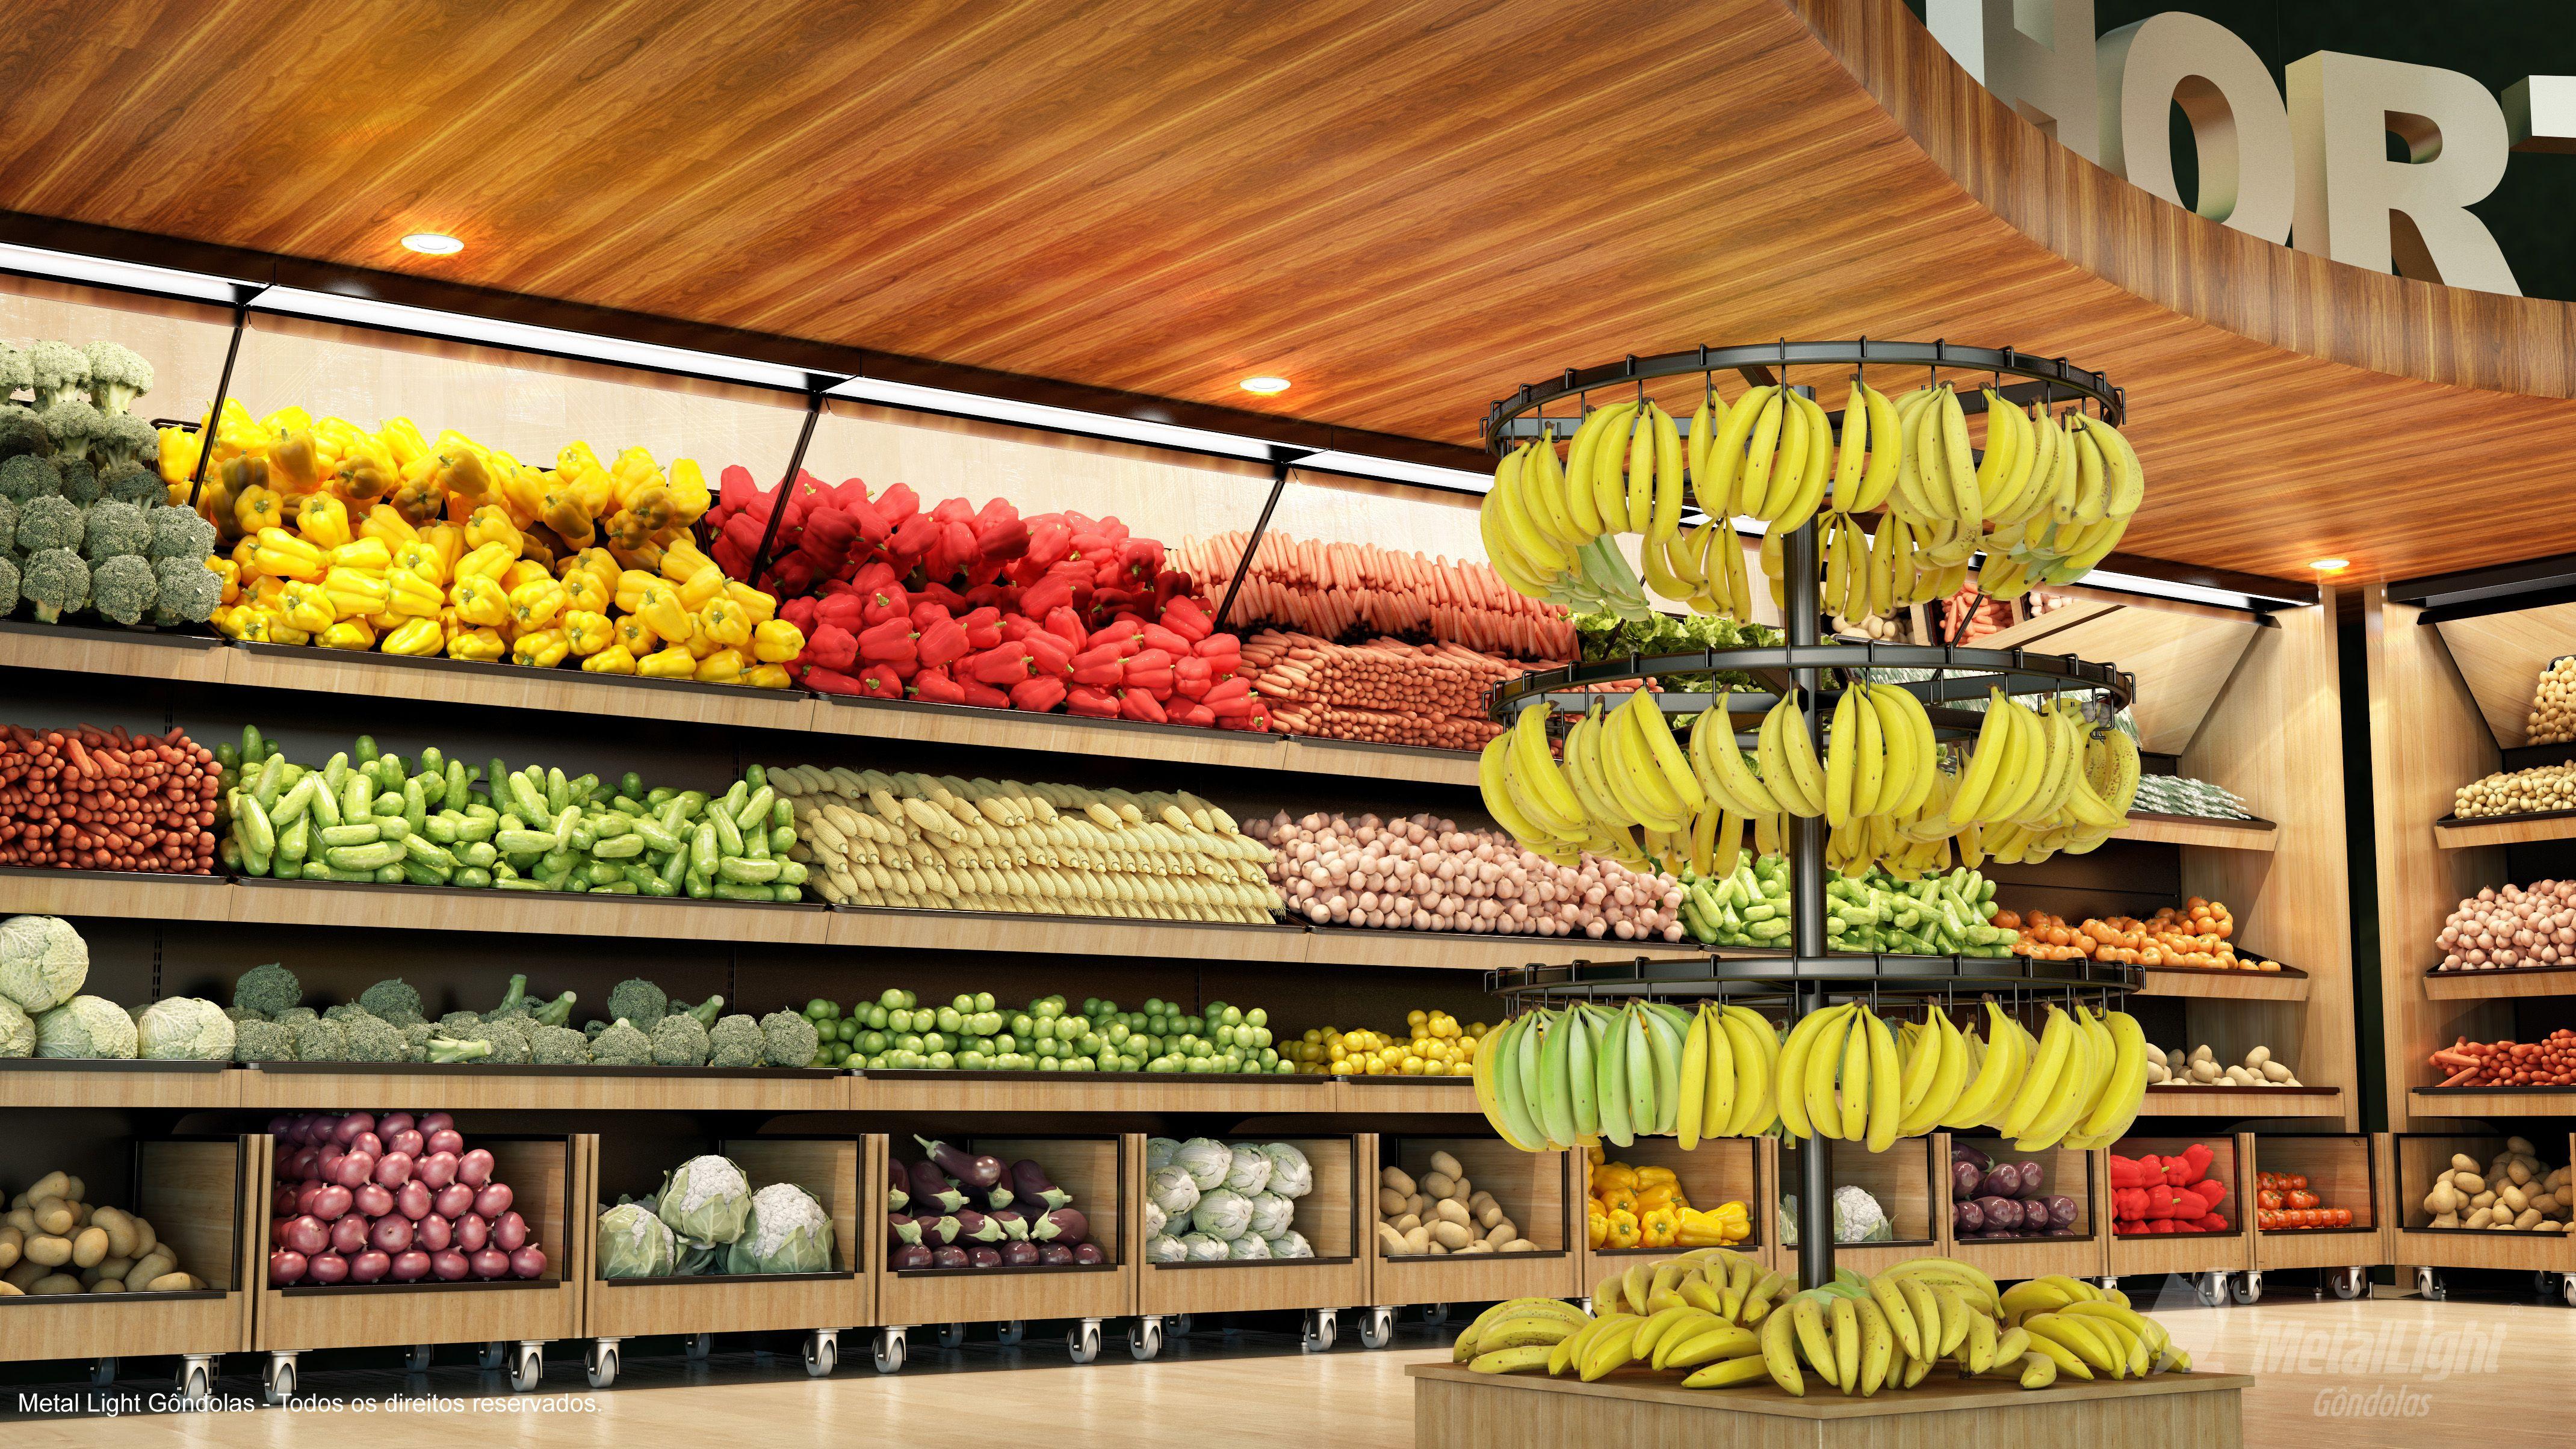 Gôndolas Bancas Vascas E Expositores Para Frutas Verduras E Hortifruti Em Geral Design Com A Res Loja De Fruta Expositores De Frutas Design De Supermercado